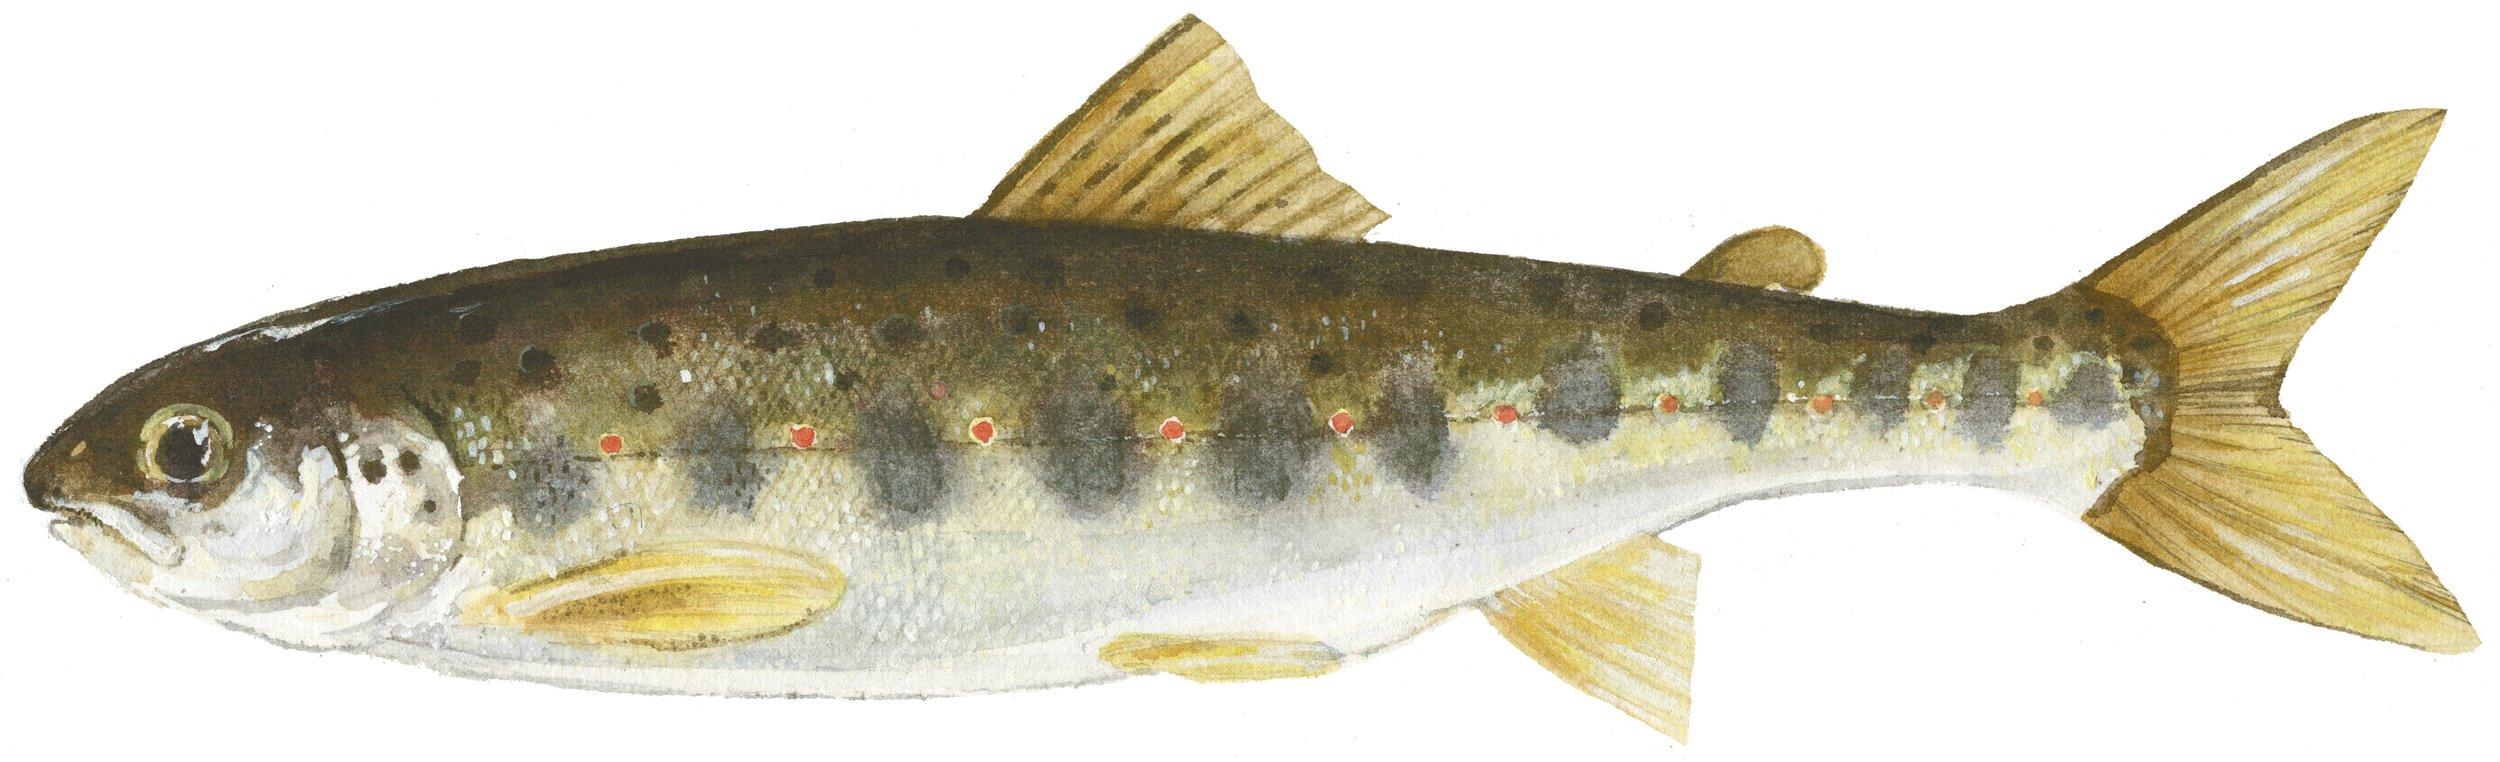 Atlantic Salmon Parr